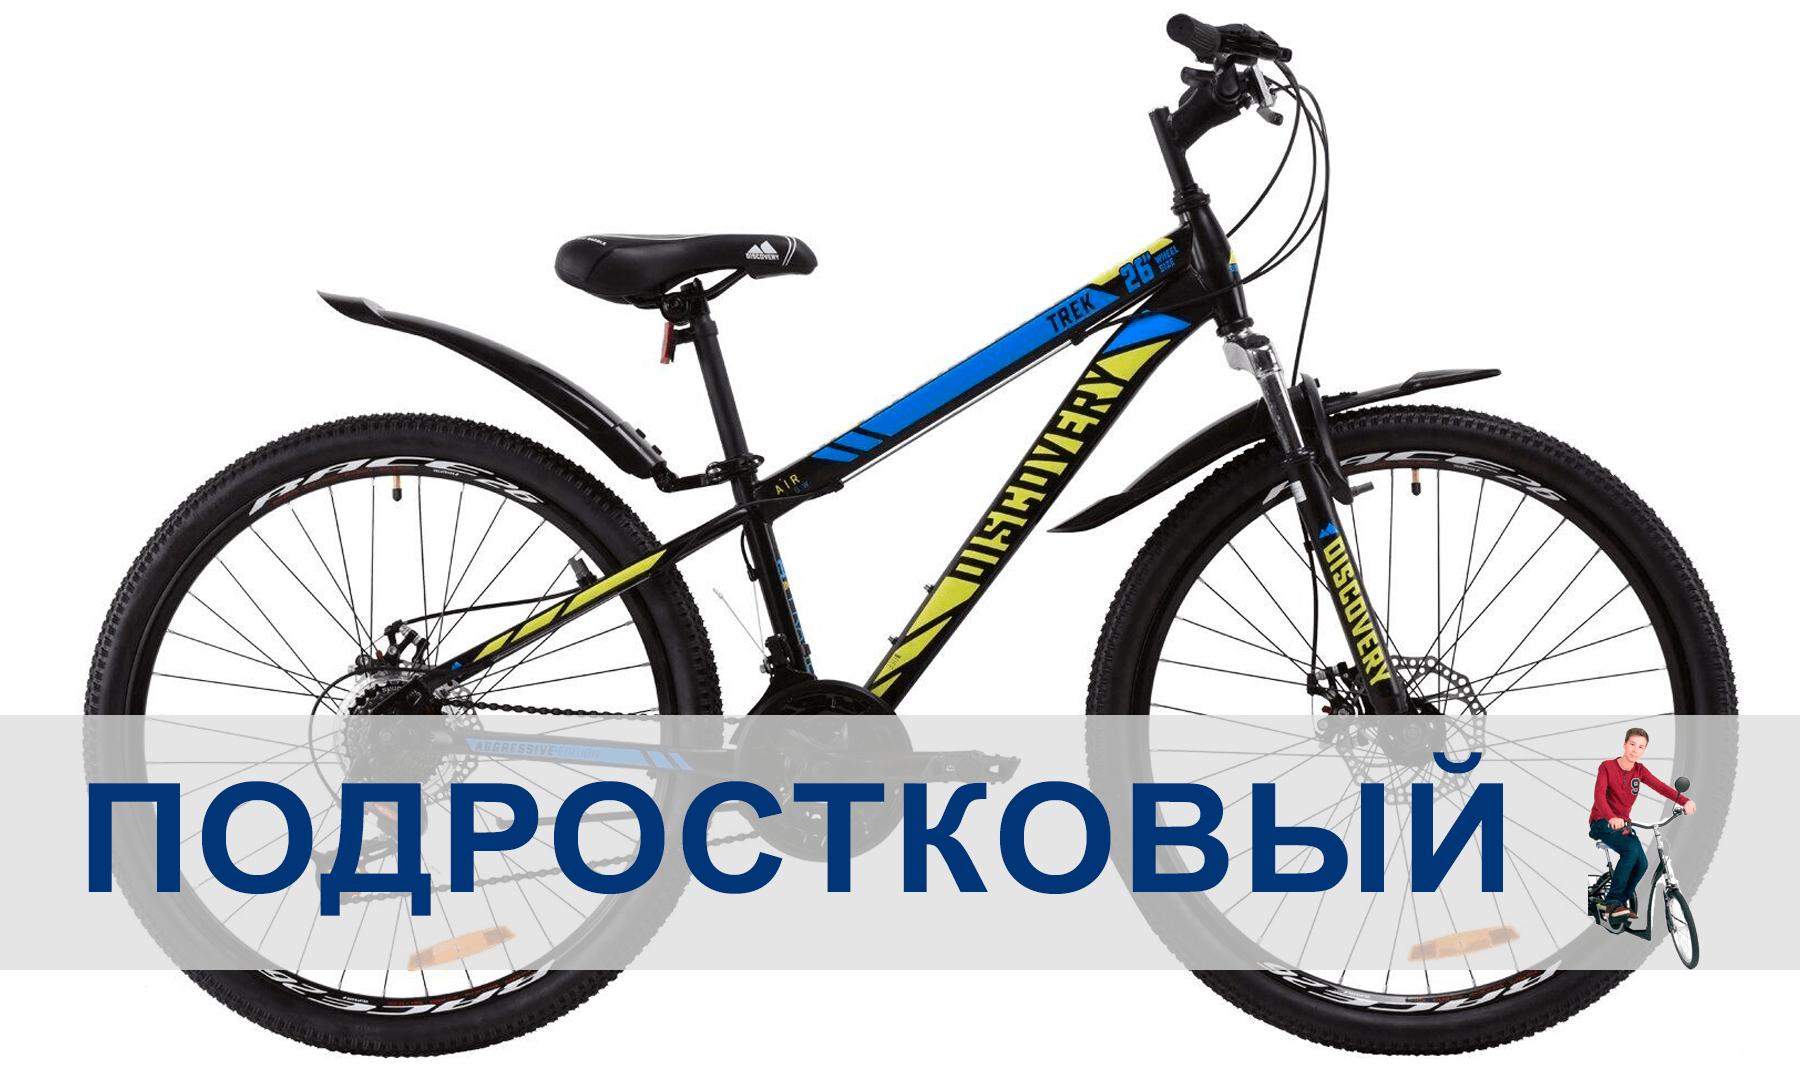 подростковый велосипед фото